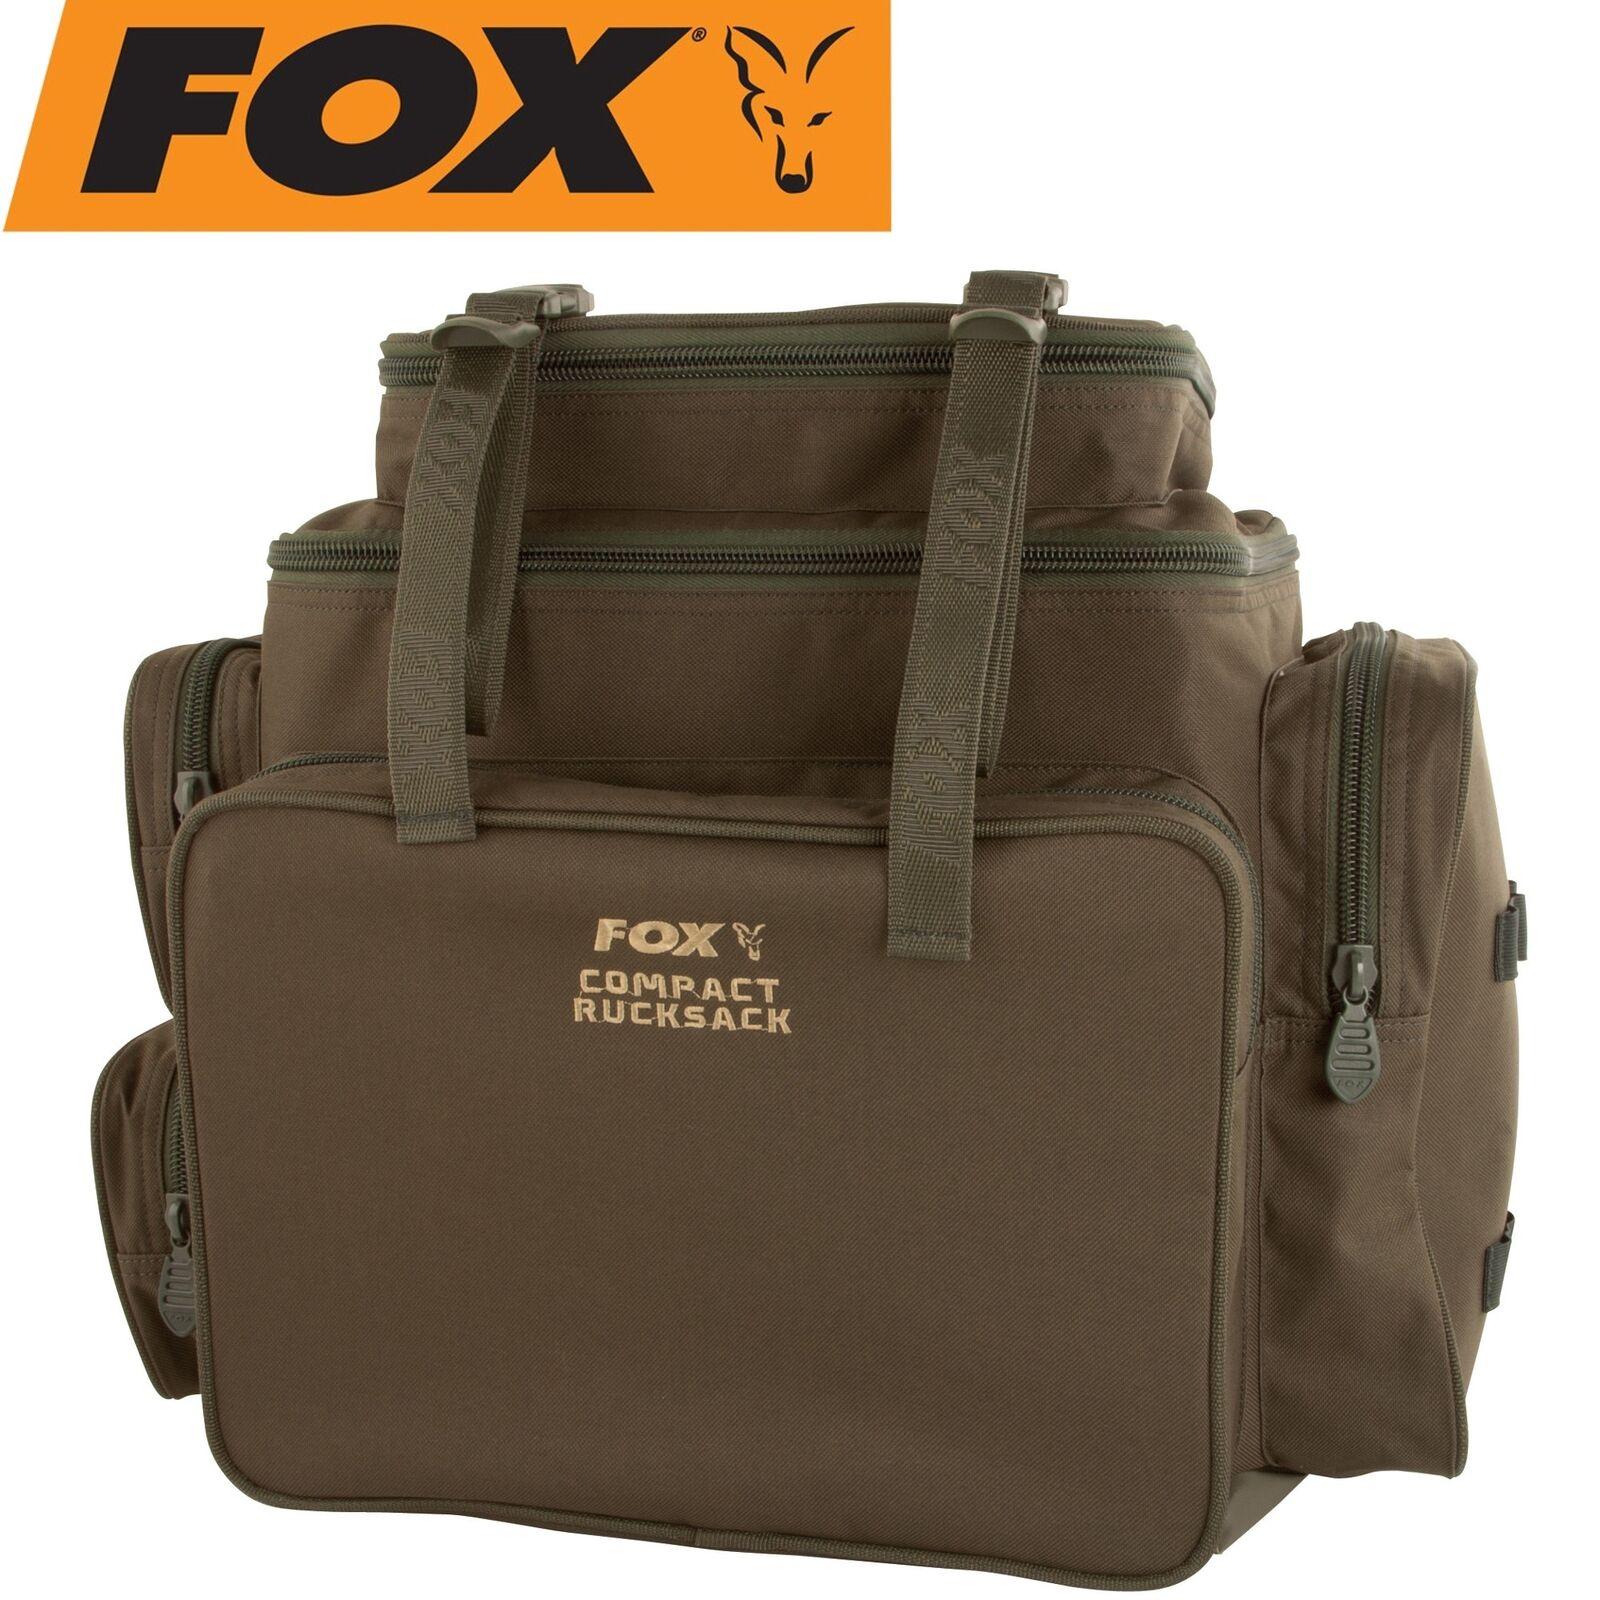 Fox Specialist Compact Rucksack - Angelrucksack Rucksack Karpfentasche Tasche